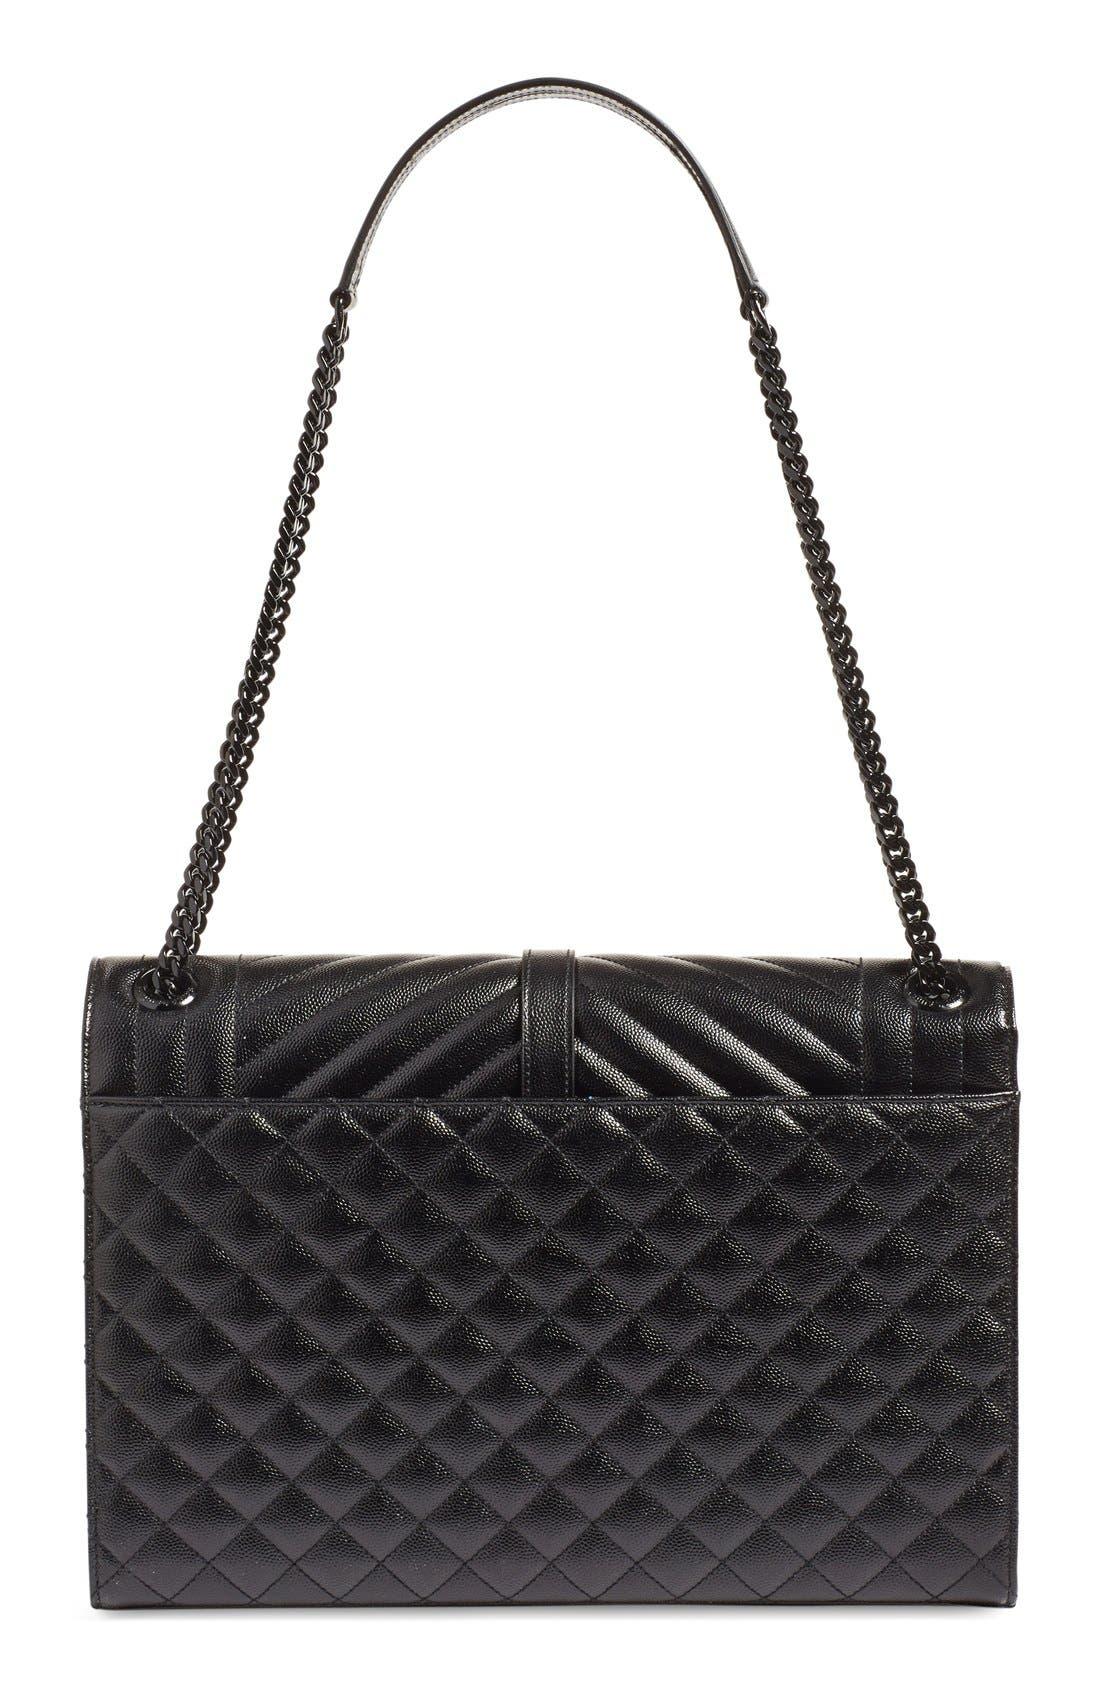 SAINT LAURENT, 'Medium Monogram' Chevron Quilted Leather Shoulder Bag, Alternate thumbnail 4, color, 001